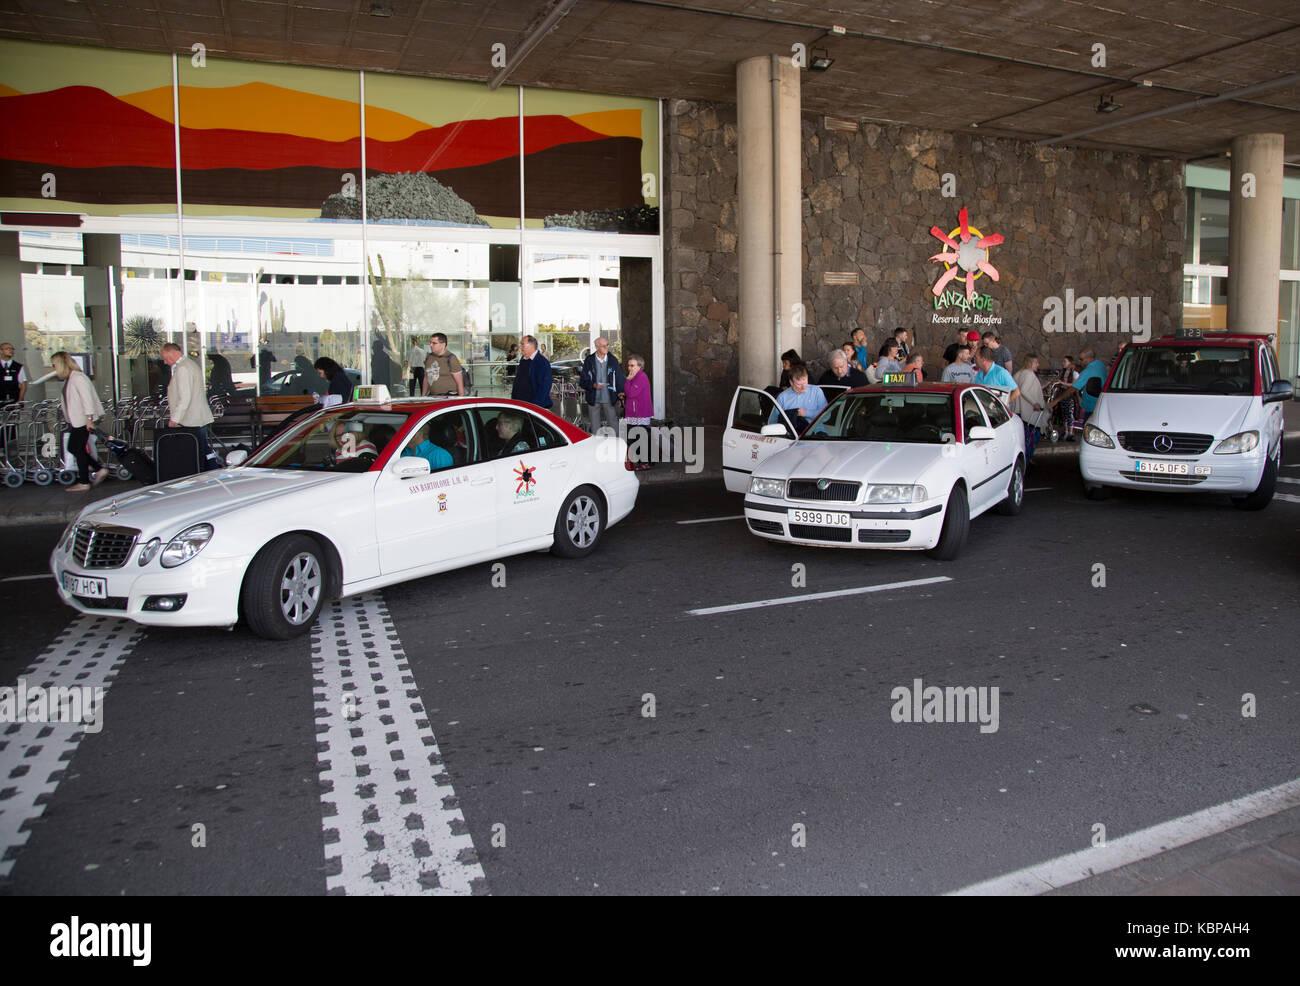 Weißen Taxis außerhalb Flughafen Terminal 2 in Lanzarote, Kanarische Inseln, Spanien Stockbild